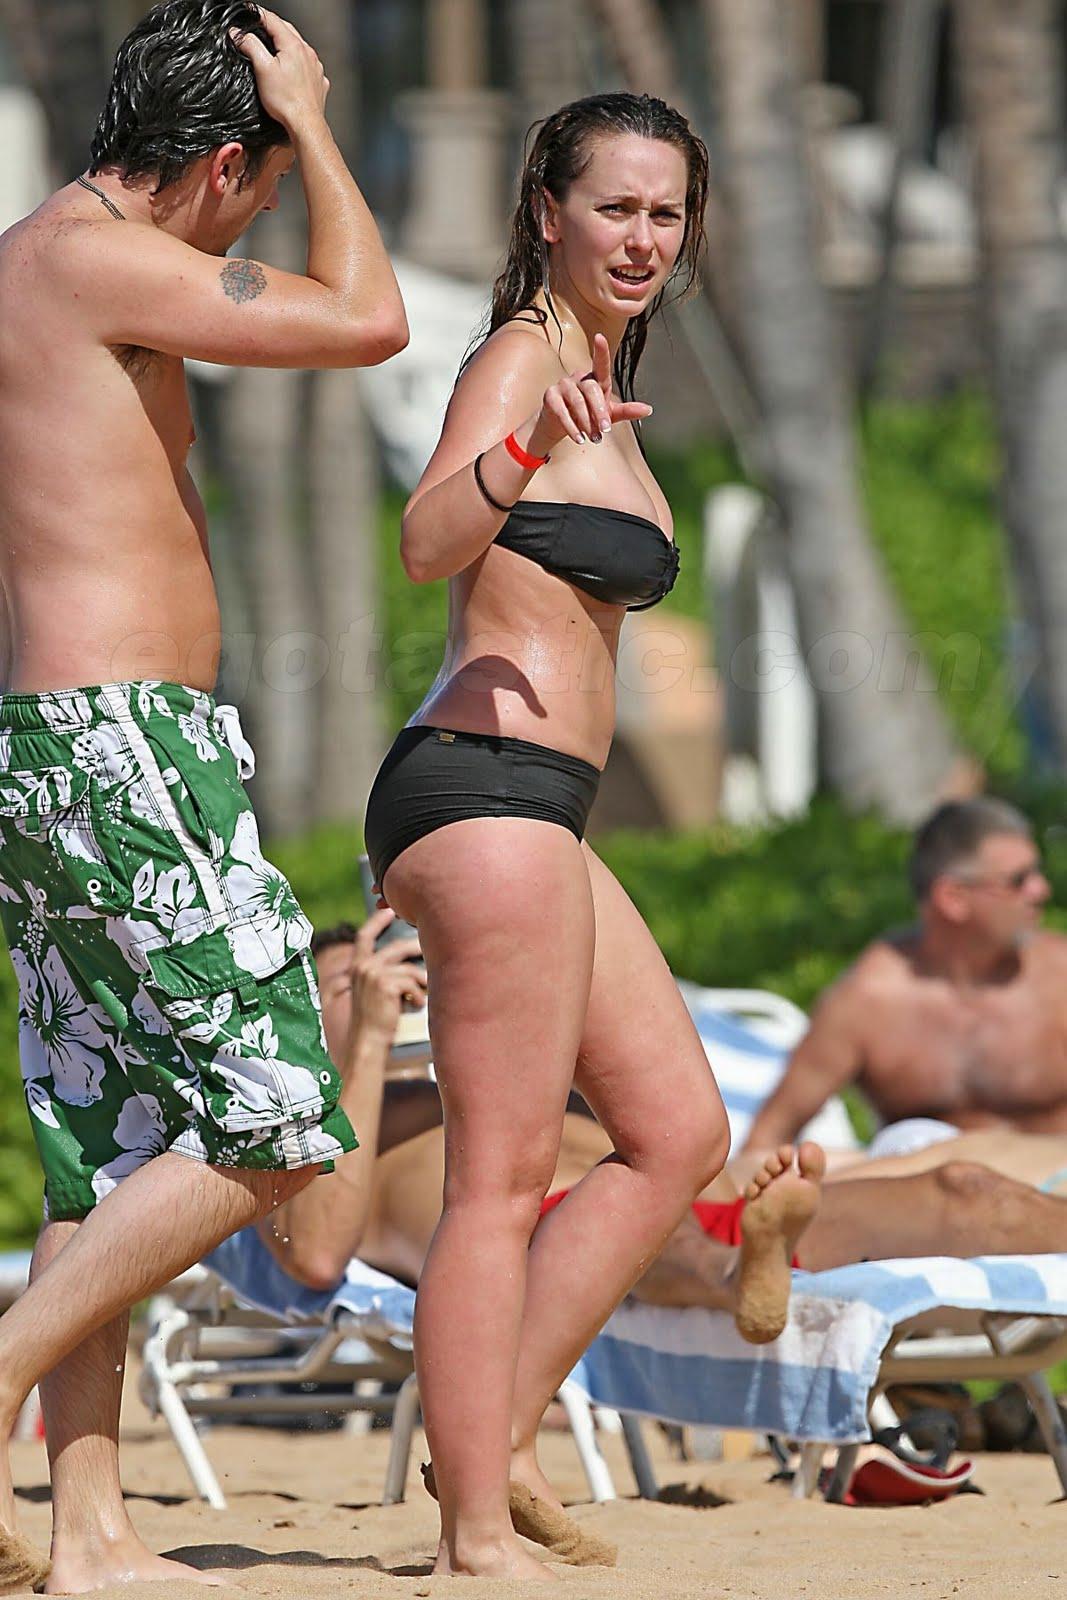 Jennifer ama hewitt paparazzi fotos en bikini